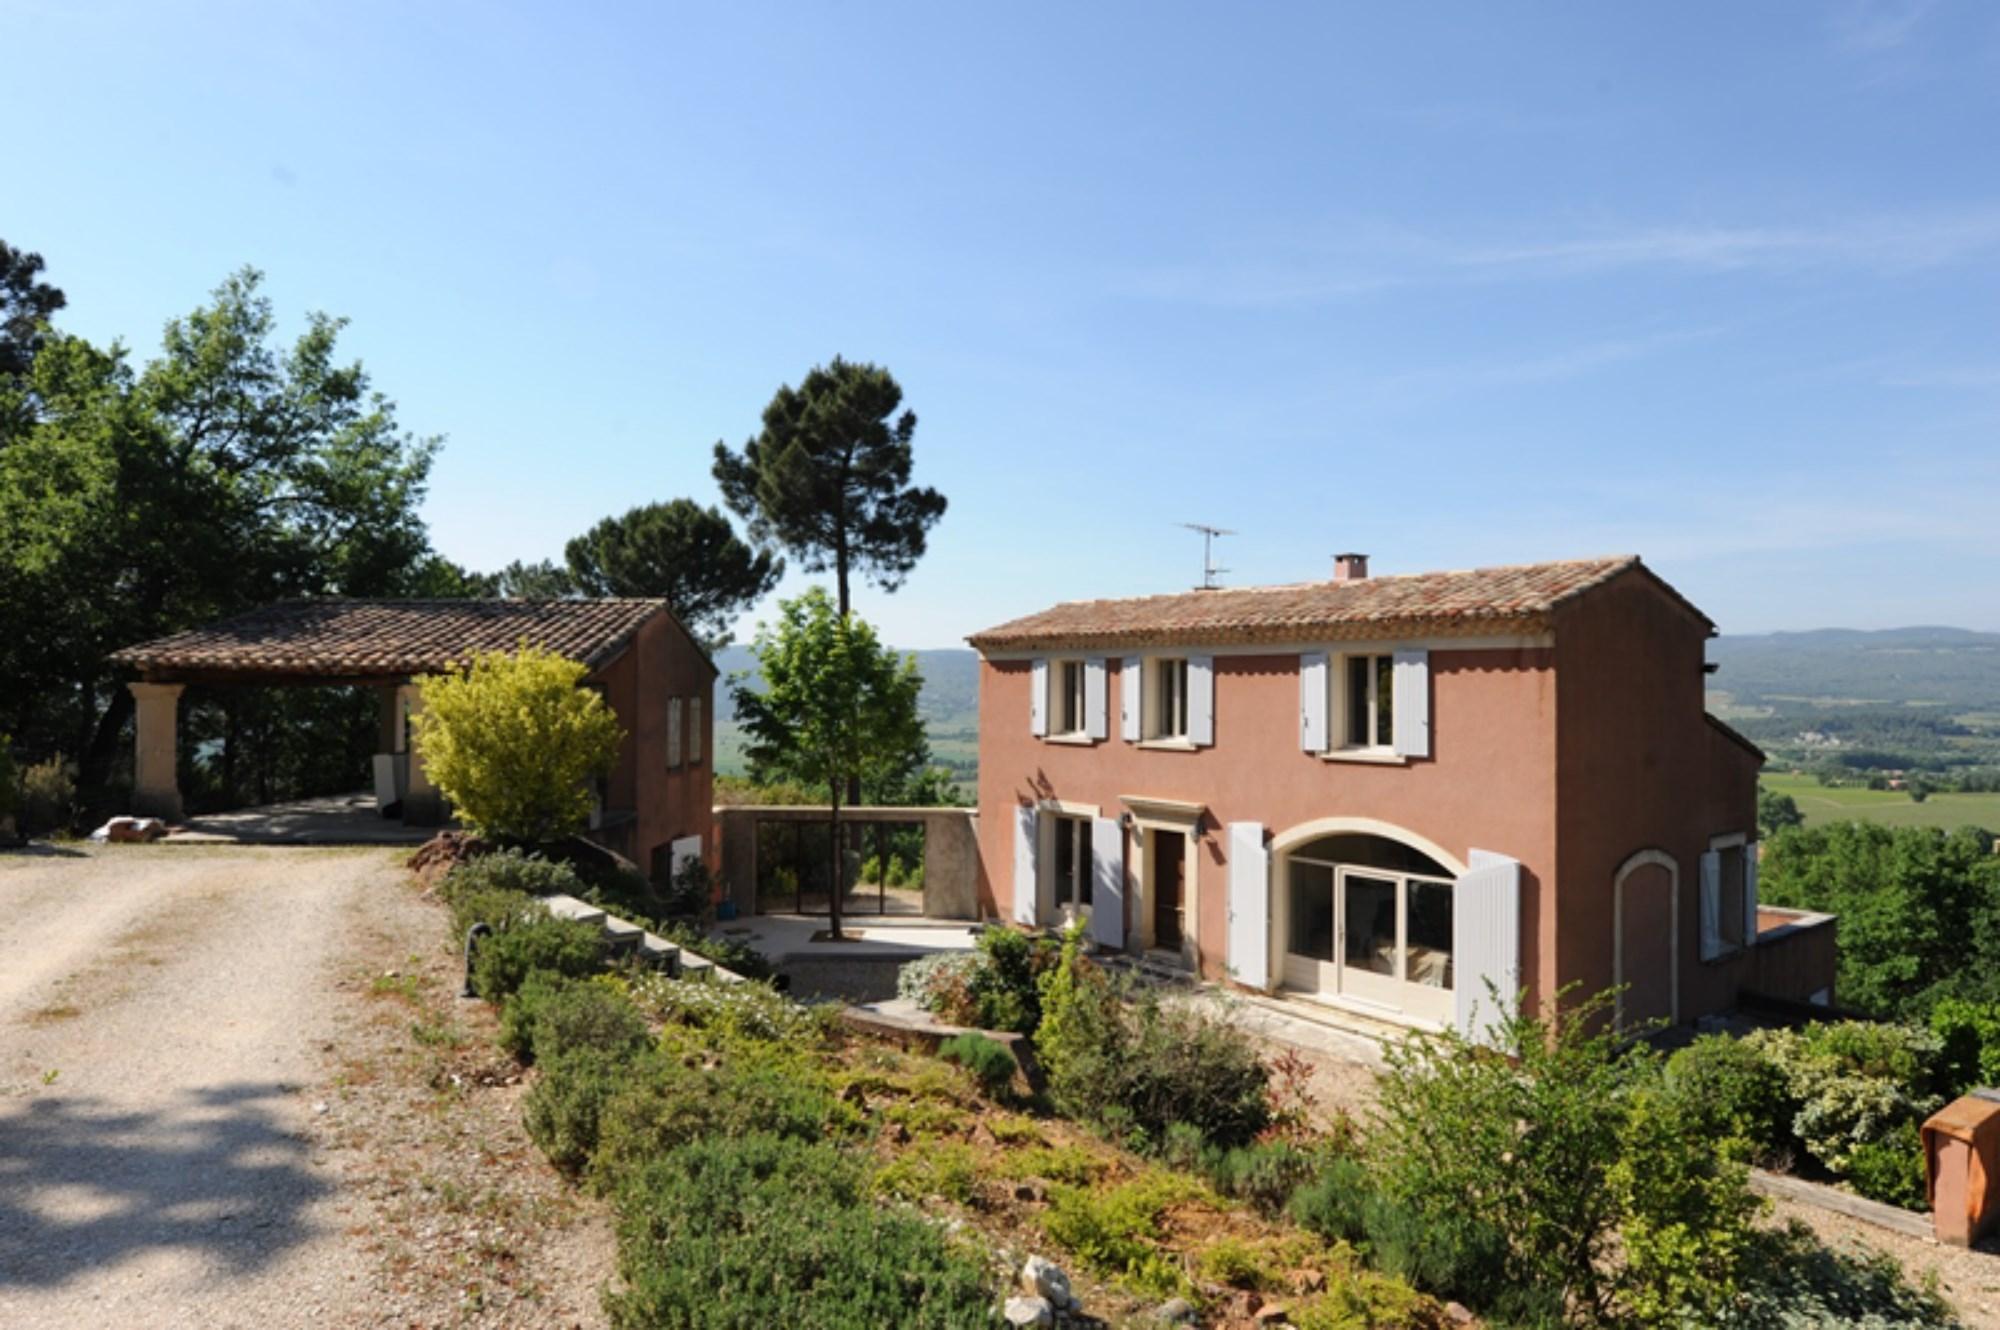 Ventes a vendre en luberon maison avec appartement maison for Appartement maison